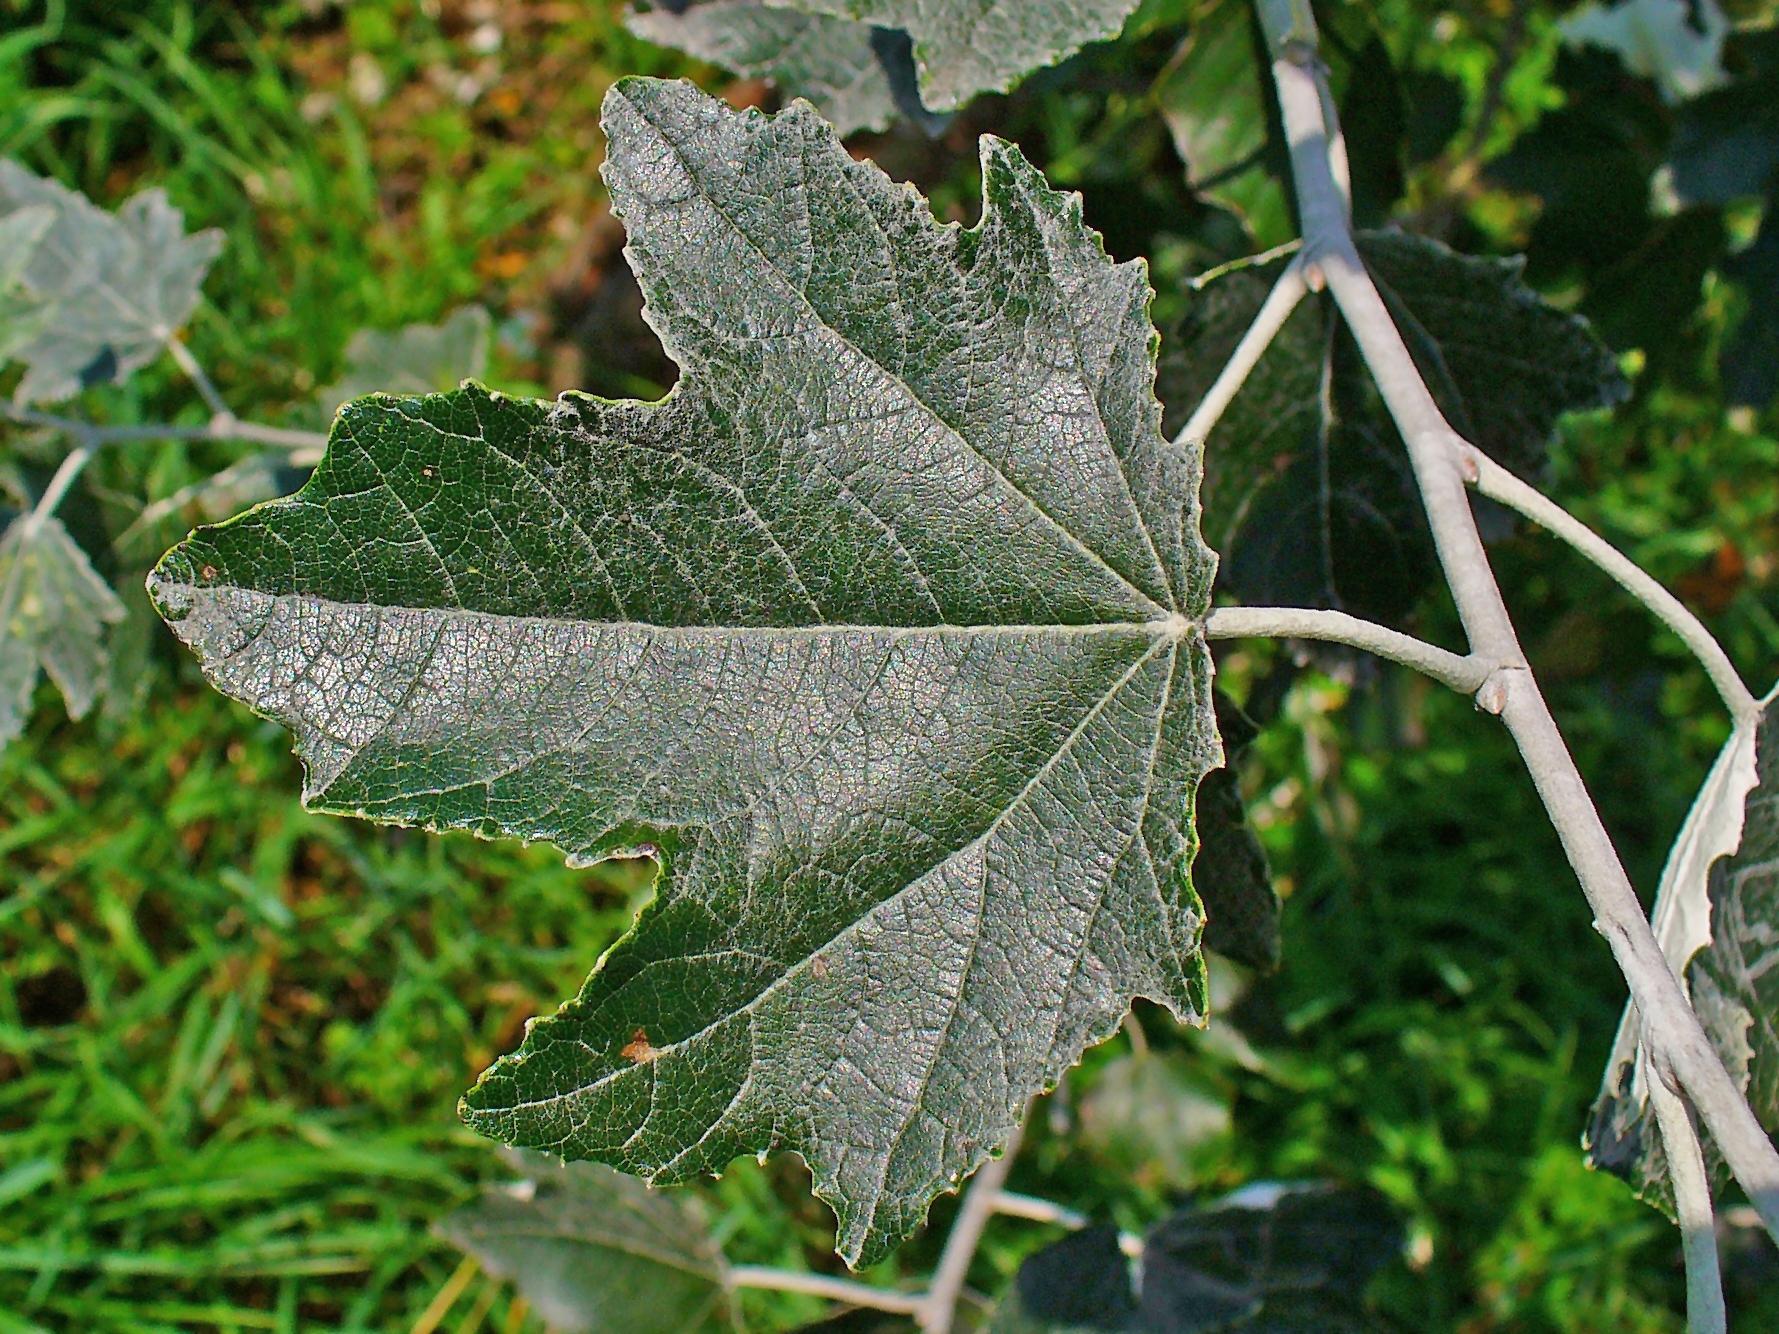 ребенок видит, какие листья у осины фото обид, печали, волнений